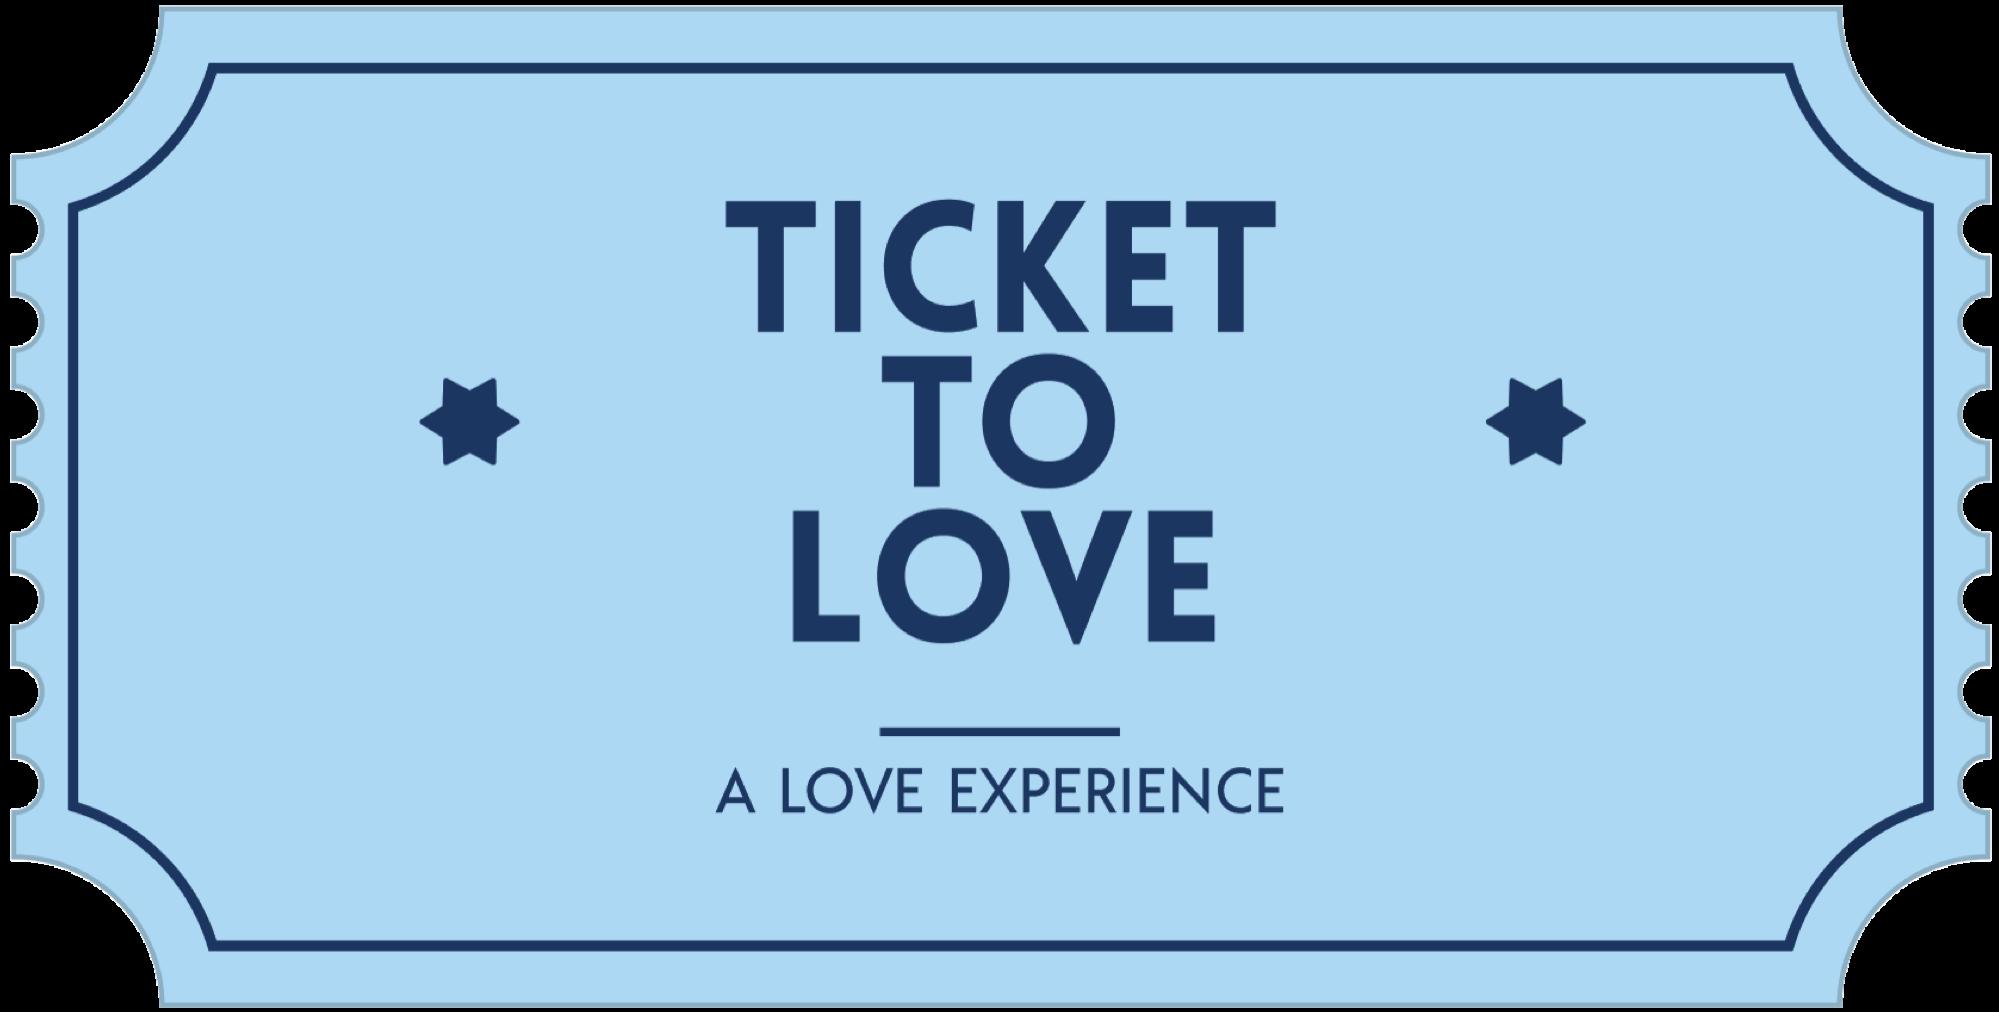 Ticket To Love - il biglietto